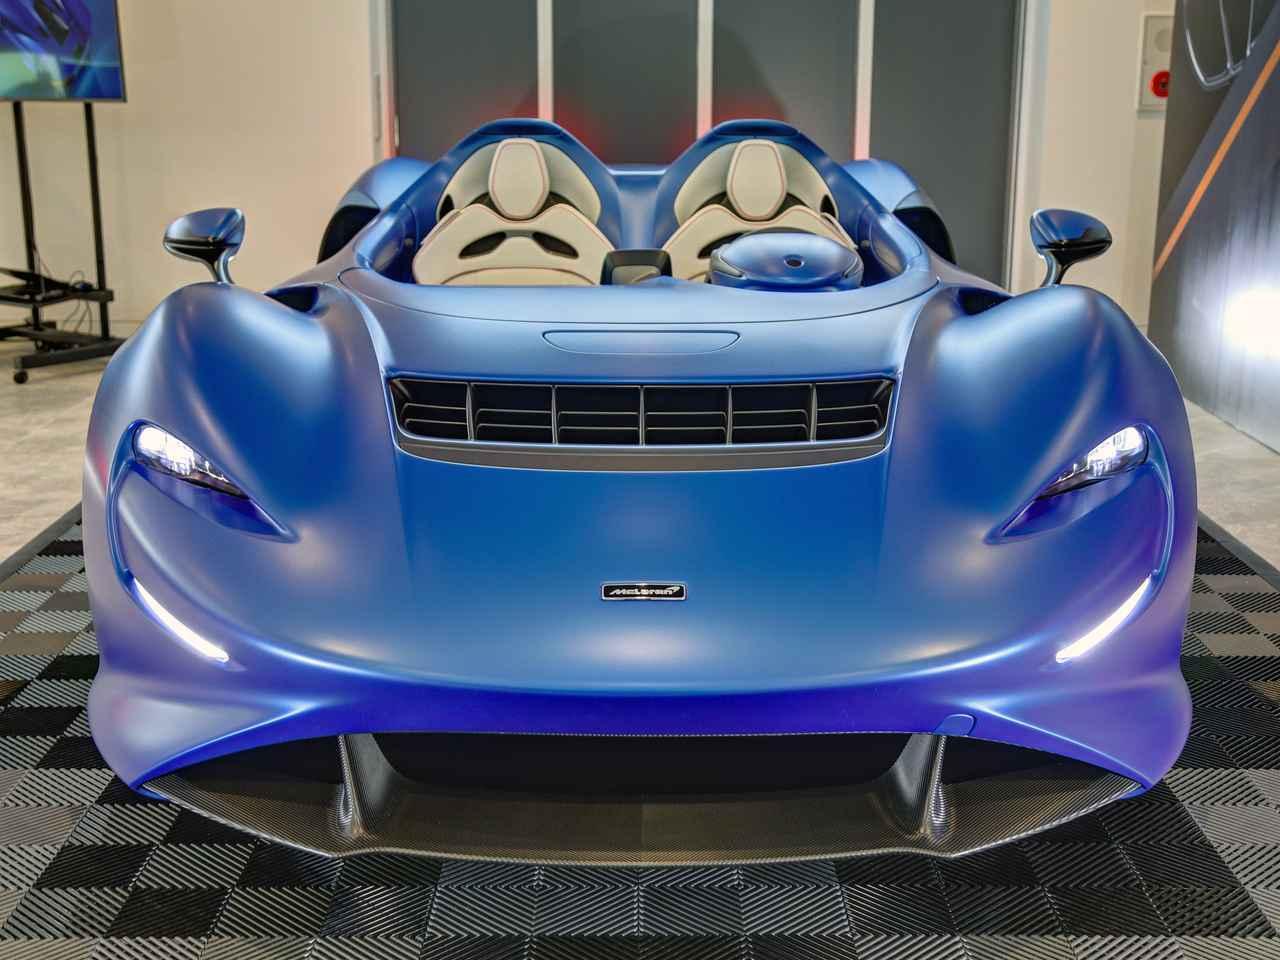 世界で249台の限定モデル、マクラーレンの最新アルティメット シリーズ「エルバ」が日本初公開に!